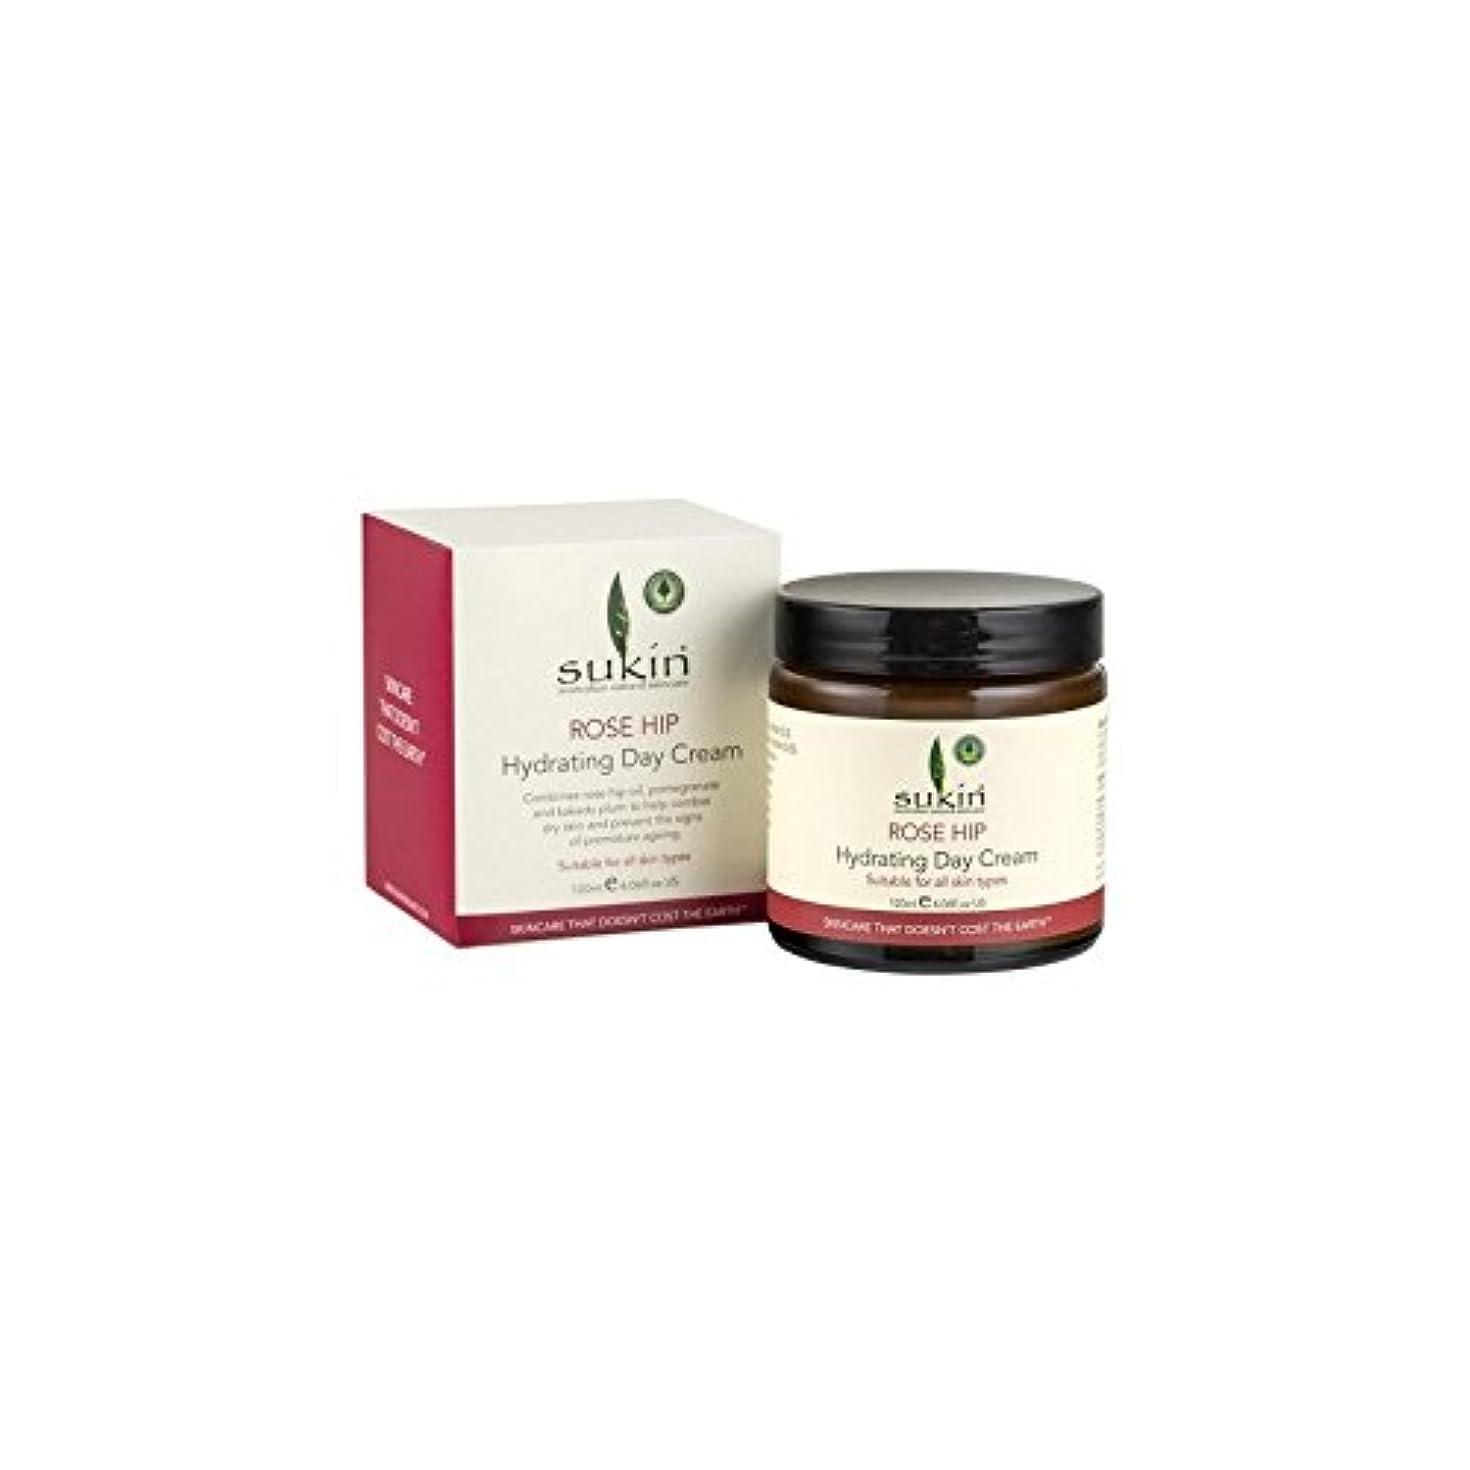 否定する結び目ジュースヒップ水和デイクリーム(120ミリリットル)をバラ x4 - Rose Hip Hydrating Day Cream (120ml) (Pack of 4) [並行輸入品]